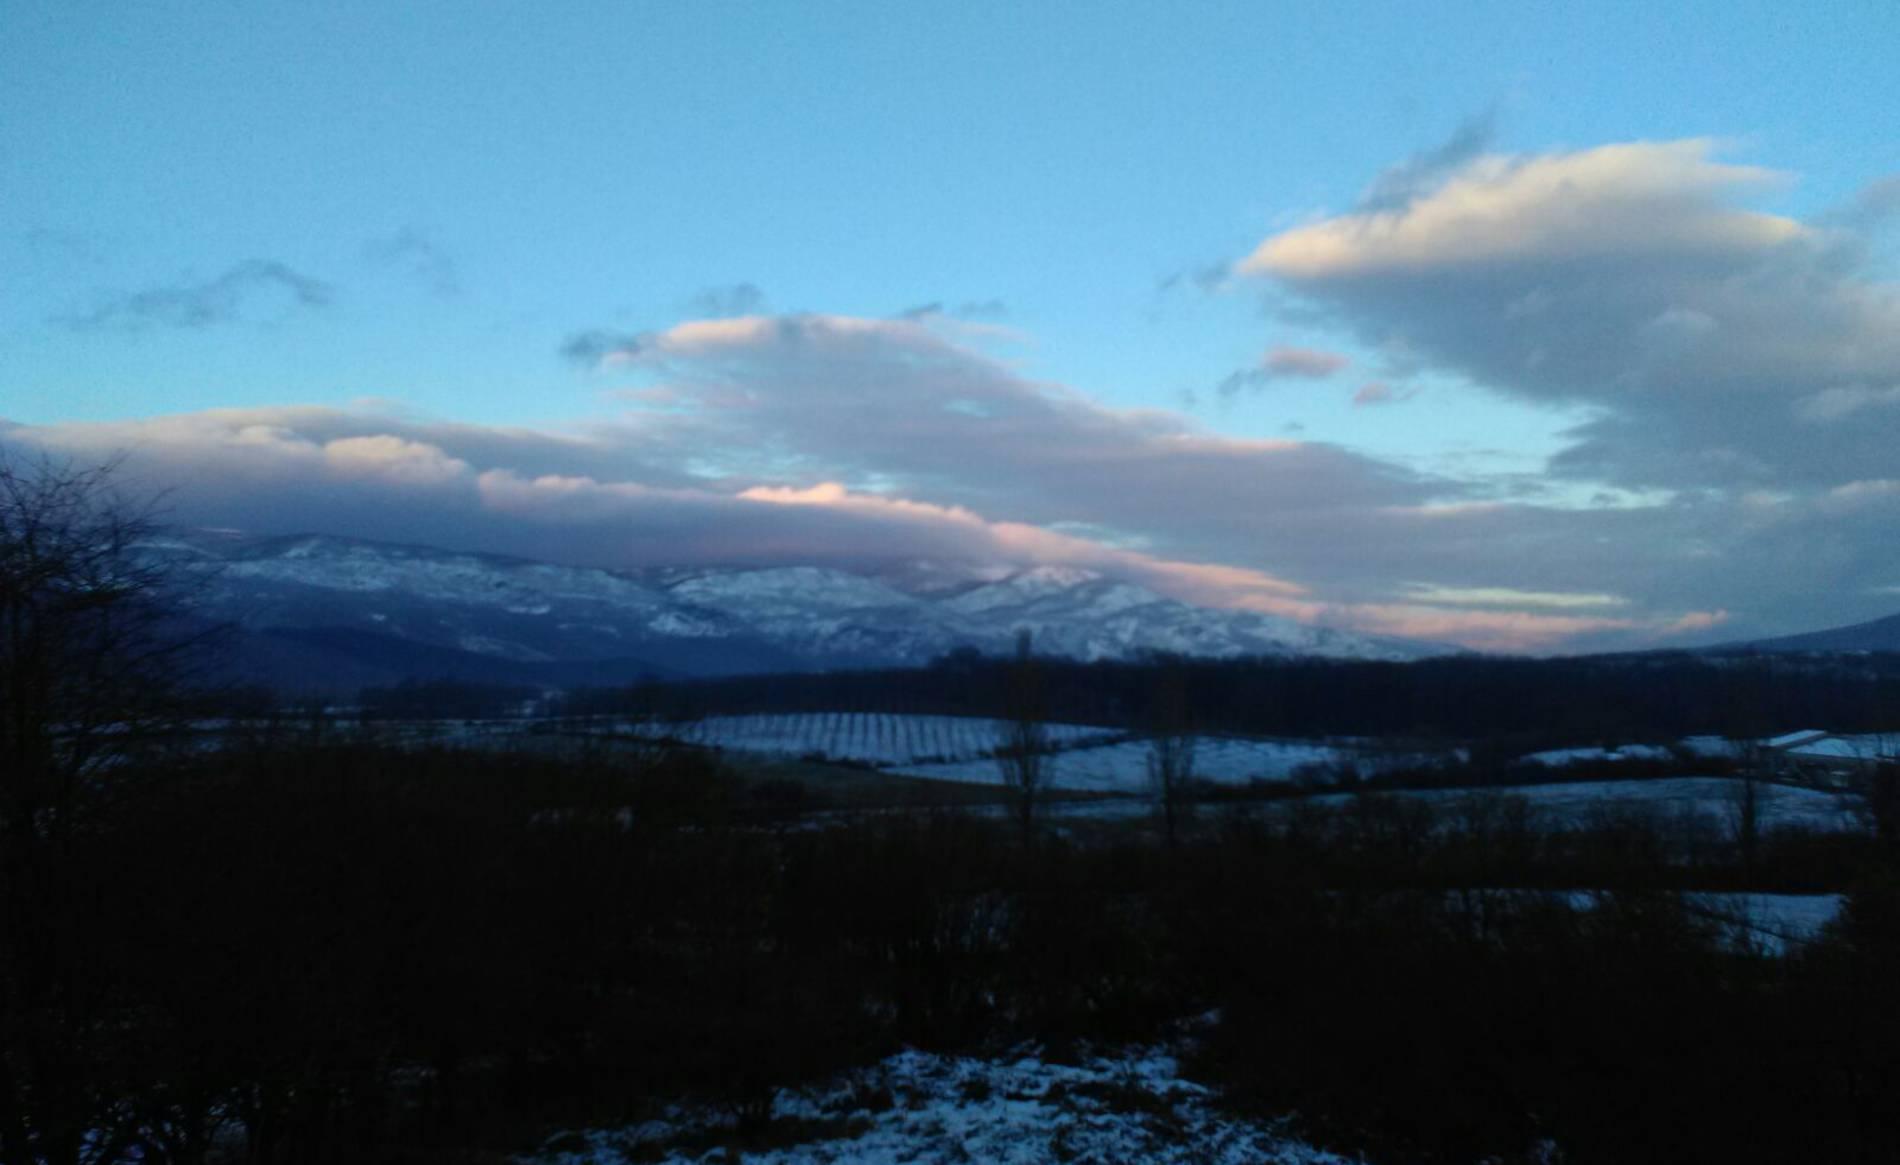 Fotos de la nieve enviadas por los lectores (1/16) - Imágenes de la nevada que ha caído en la madrugada de este jueves, 8 de febrero en Navarra. - Navarra -